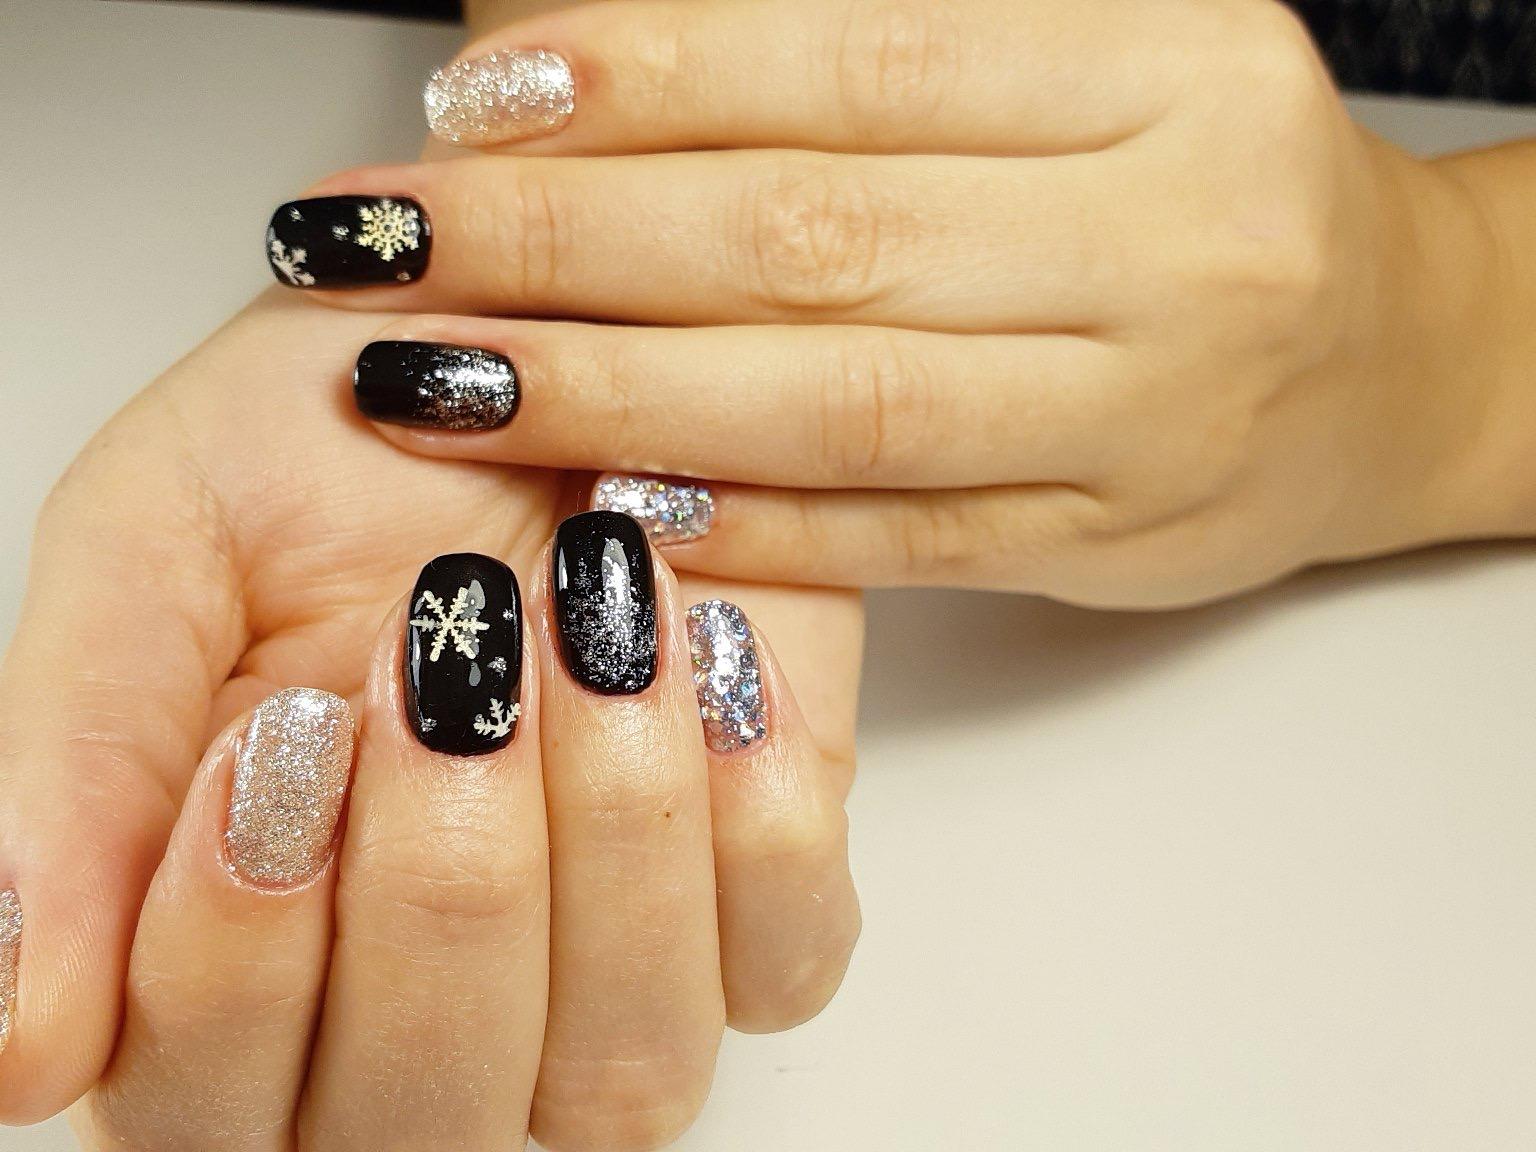 Зимний маникюр со снежинками и серебряными блестками в черном цвете на короткие ногти.